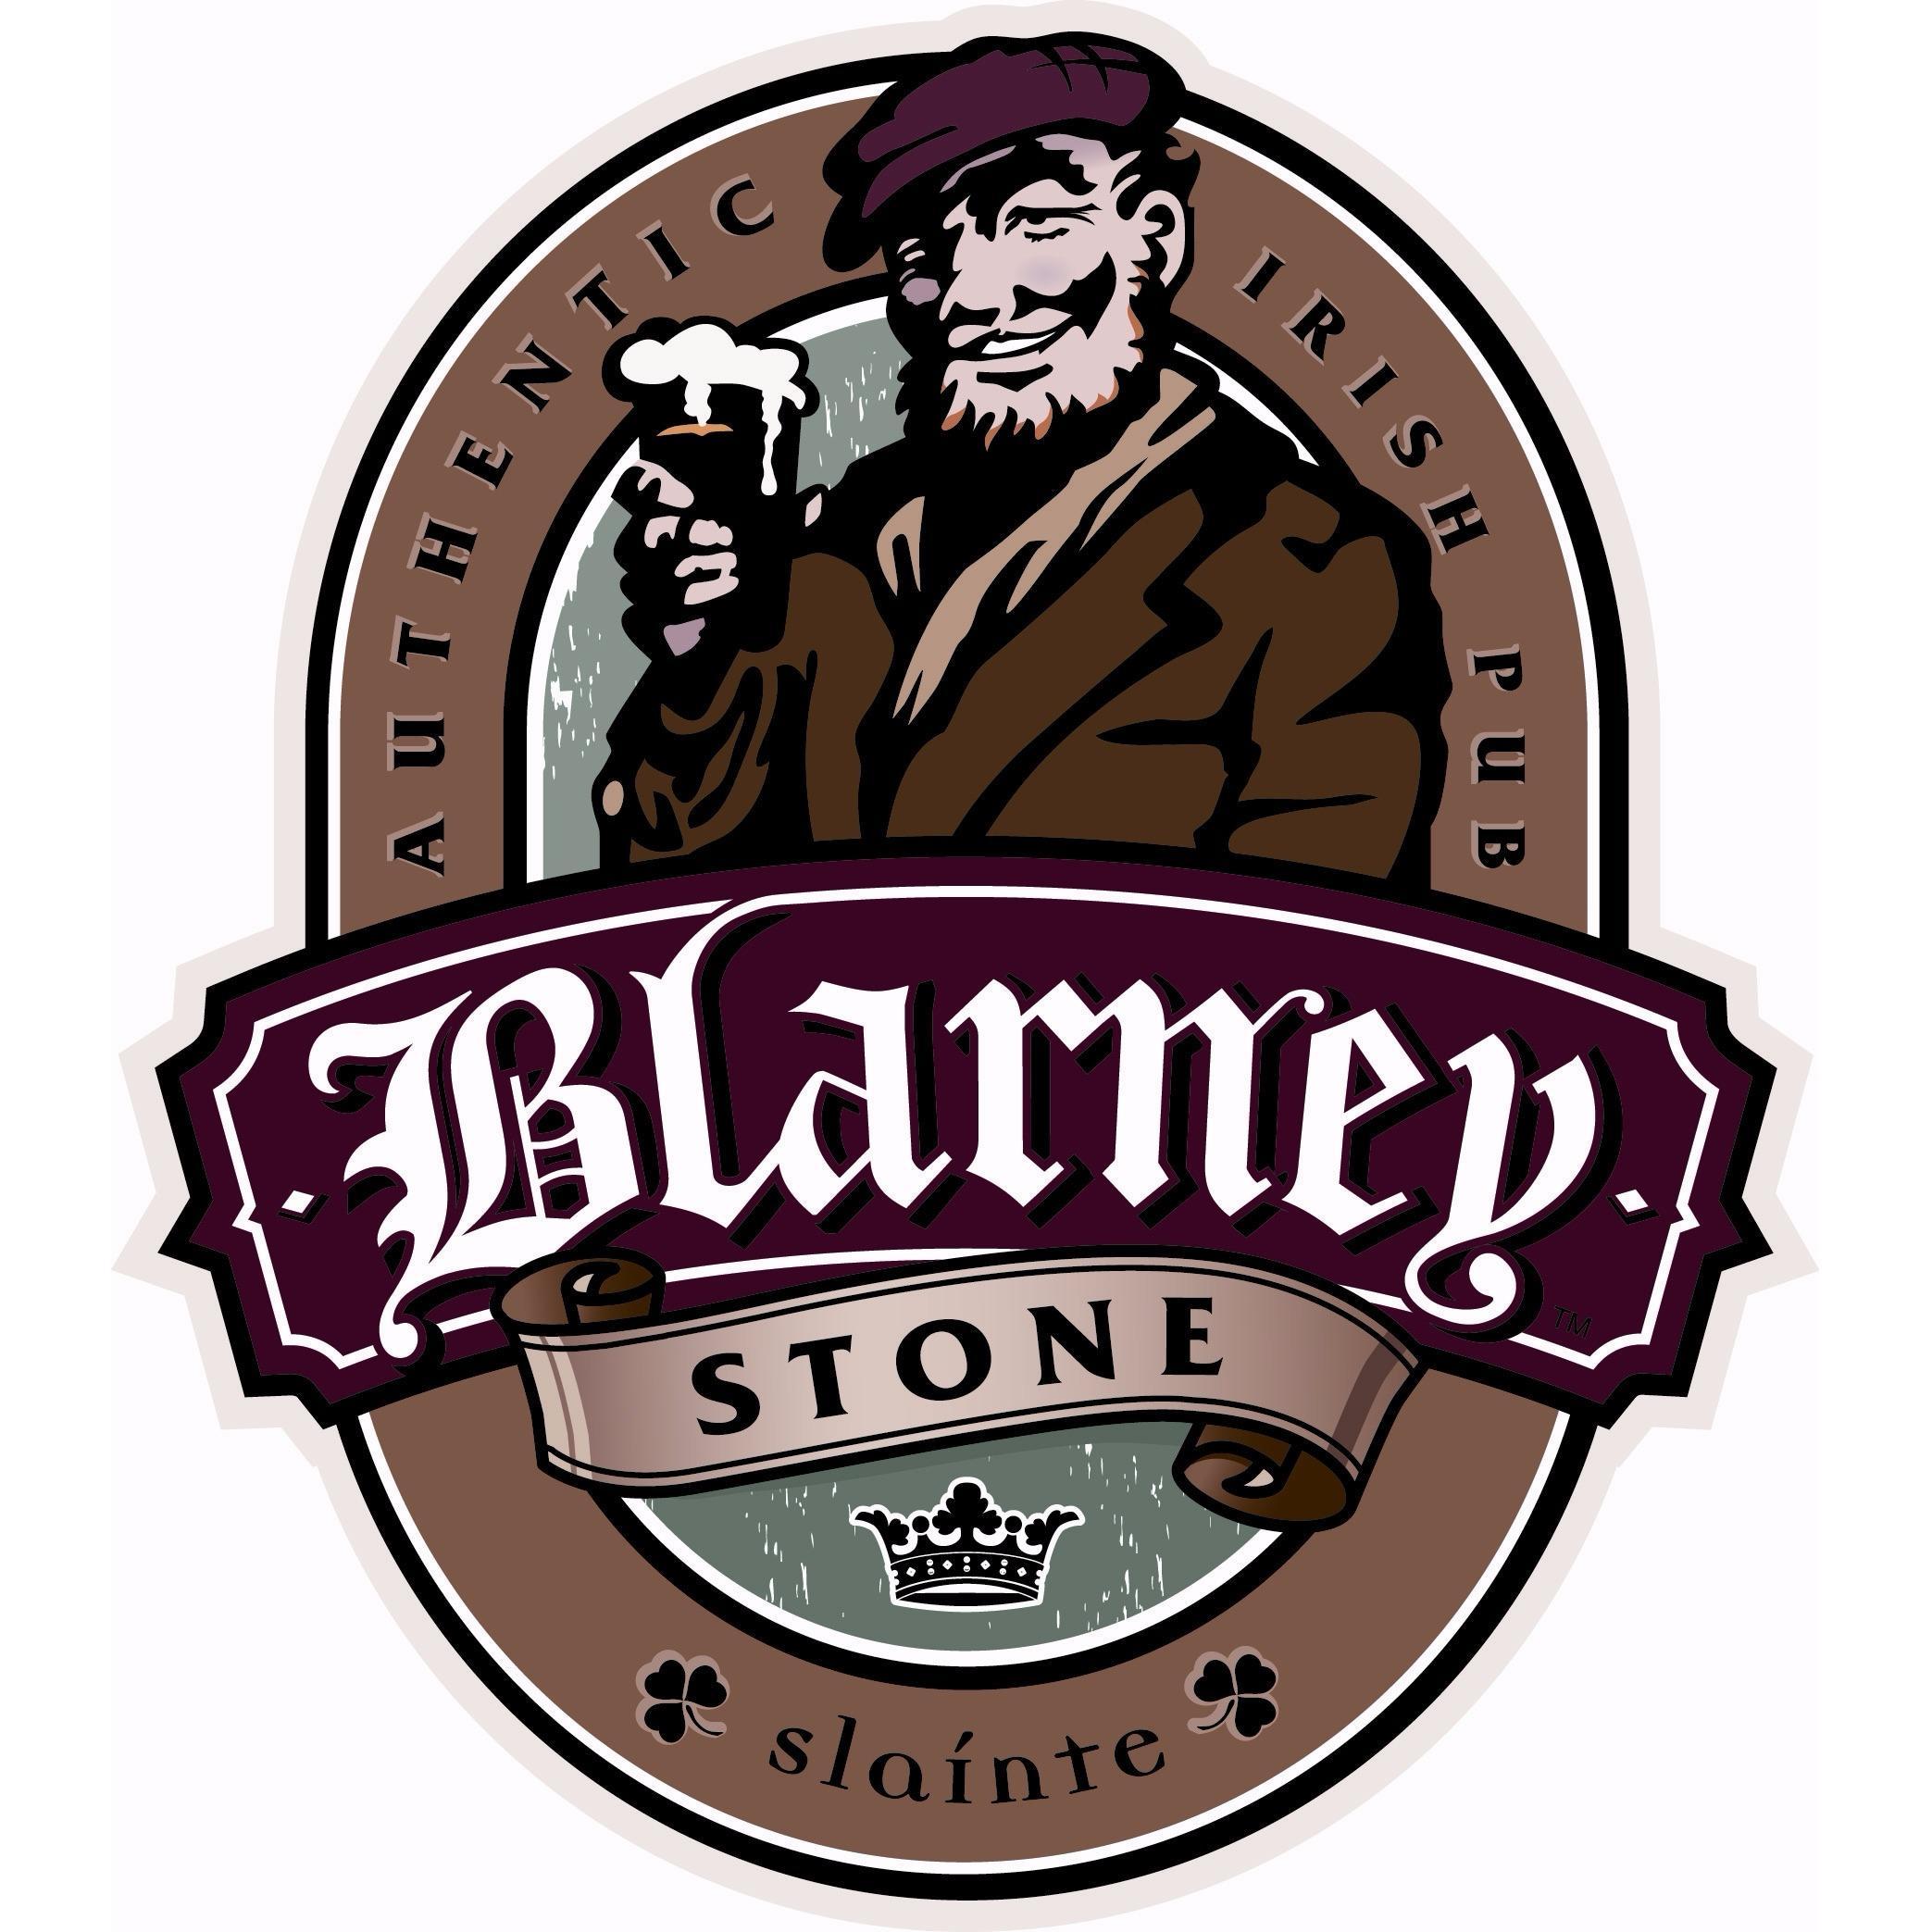 The Blarney Stone Pub - West Fargo